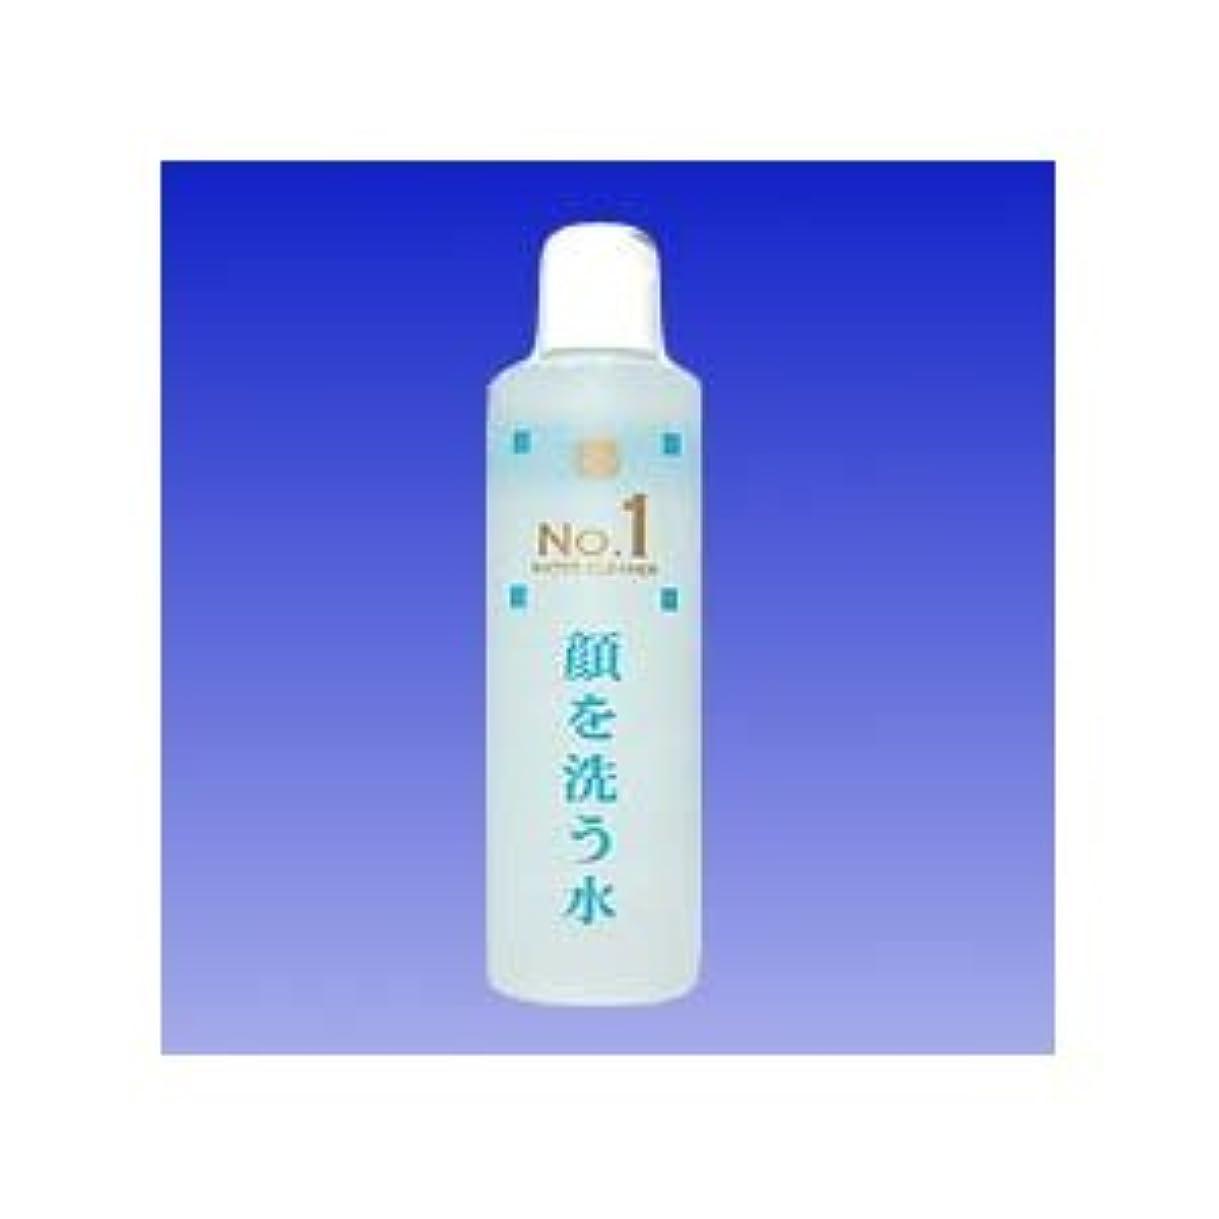 膨らませる素敵な生顔を洗う水 ウォータークリーナーNo1 250ml